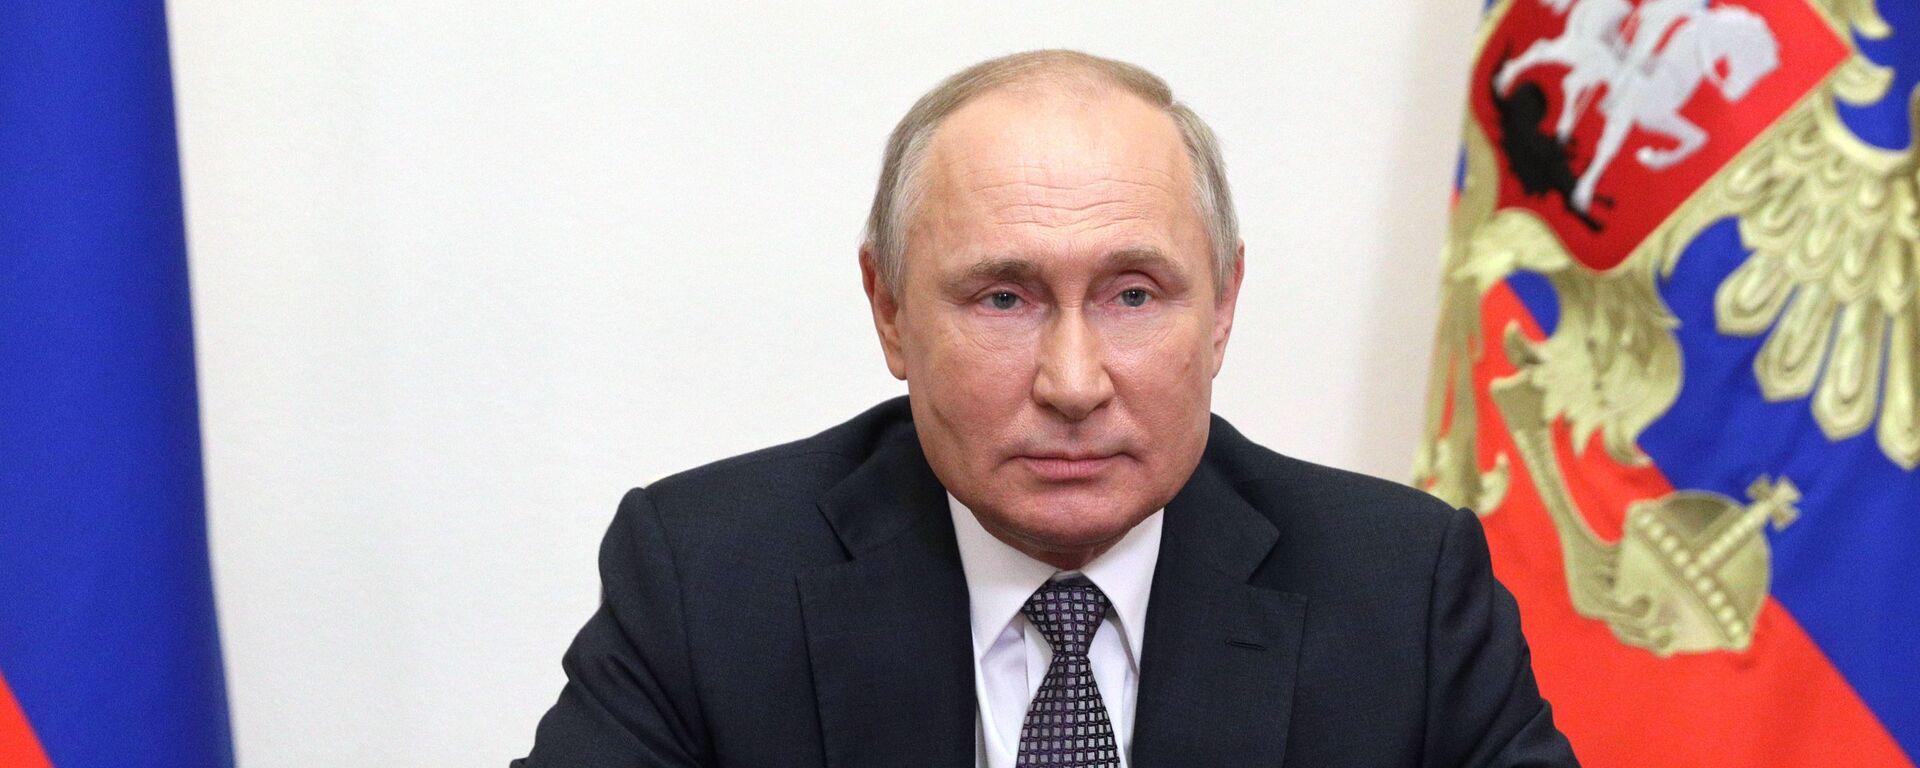 Ruský prezident Vladimir Putin se obrátil k účastníkům Moskevské bezpečnostní konference - Sputnik Česká republika, 1920, 17.09.2021